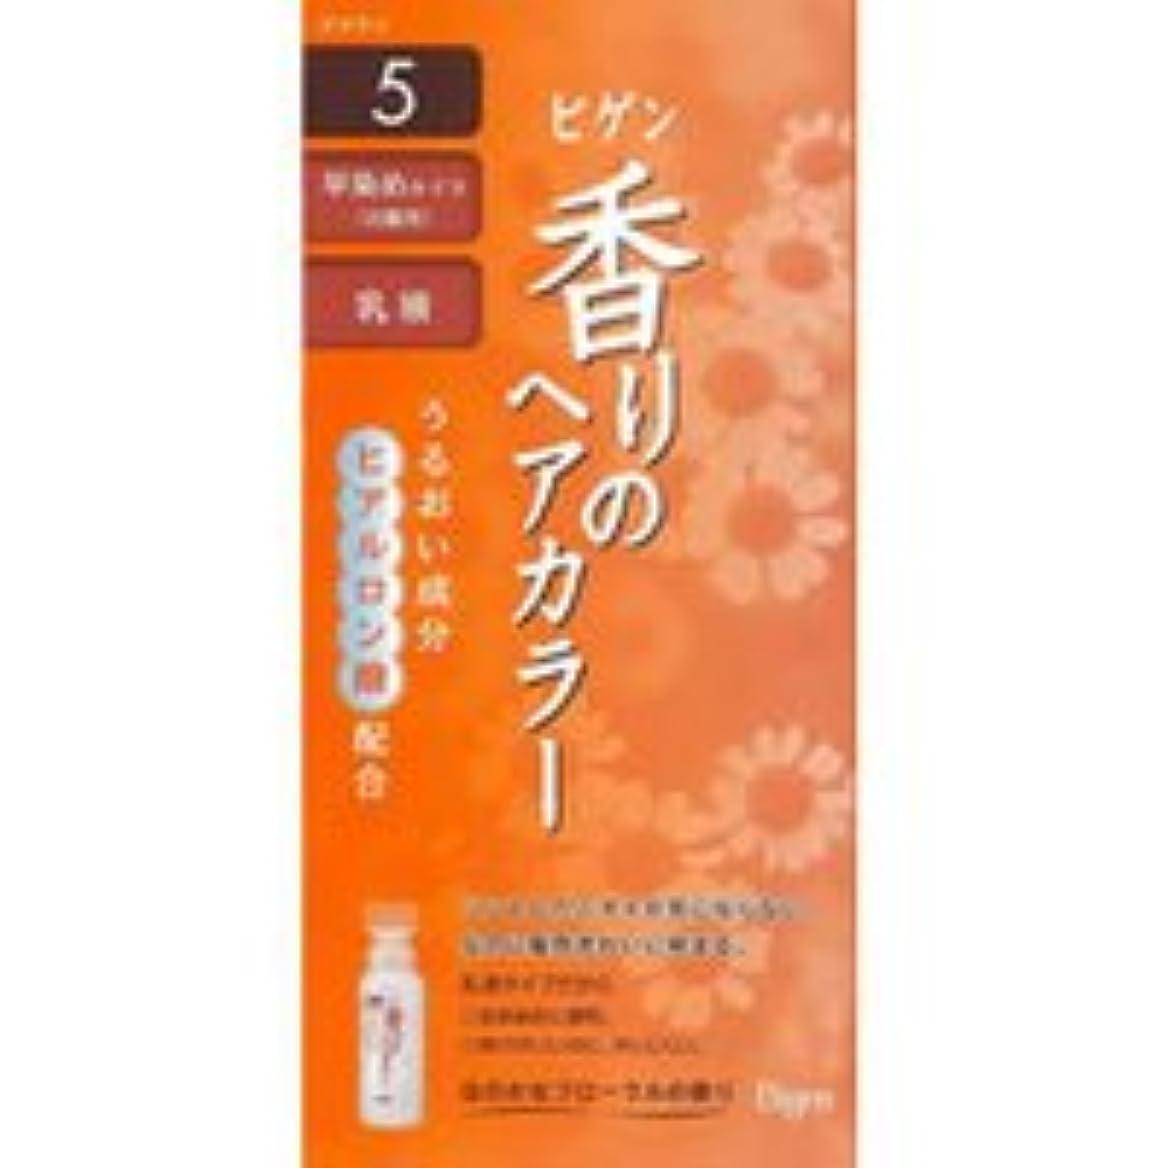 日常的に実行の頭の上ビゲン 香りのヘアカラー 乳液(5) ブラウン